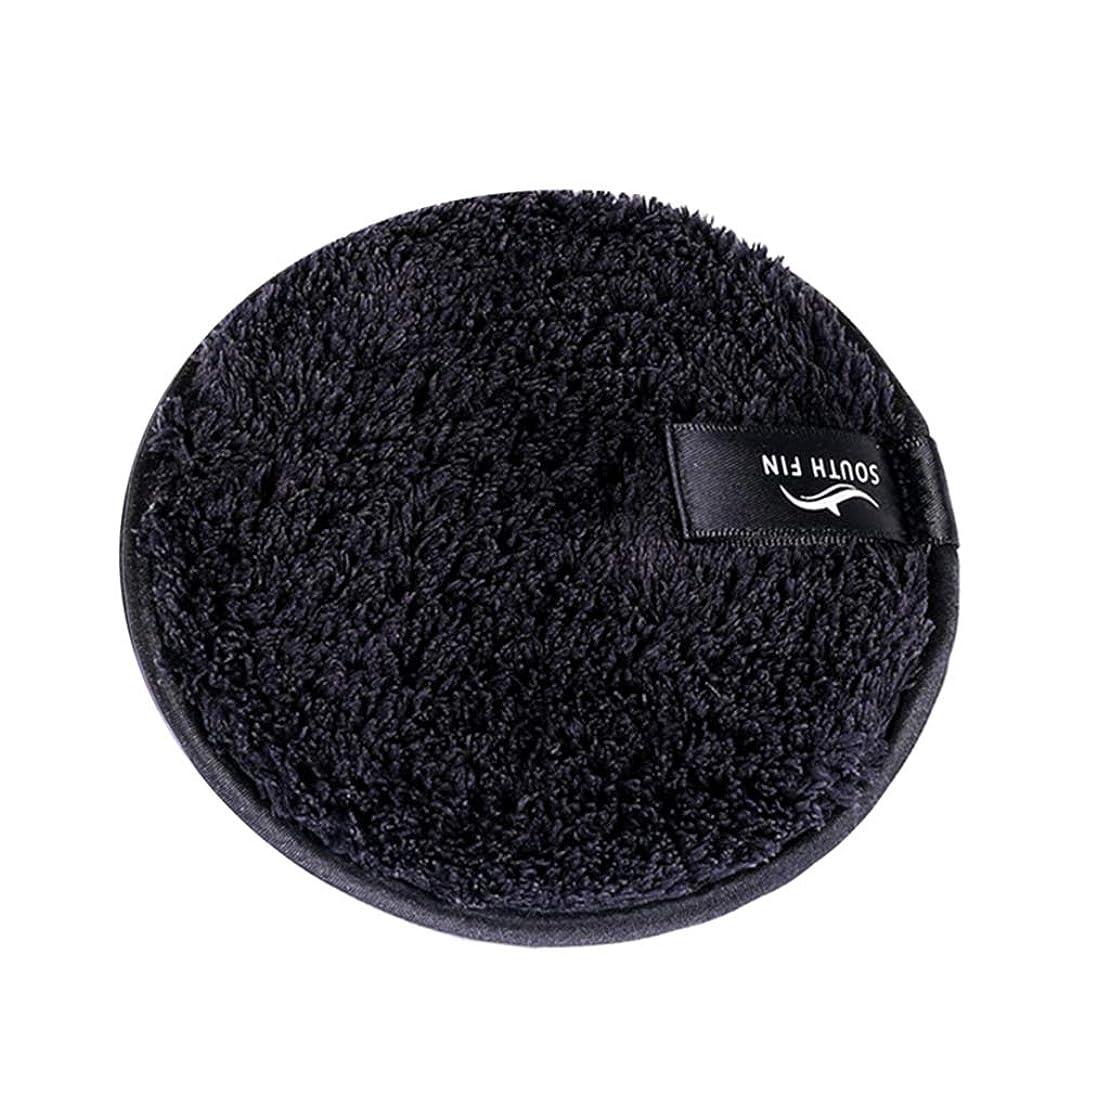 ミキサー本部させるD DOLITY メイクリムーバー スポンジ パッド クレンジングパフ 洗顔 スキンケア 3色選べ - ブラック